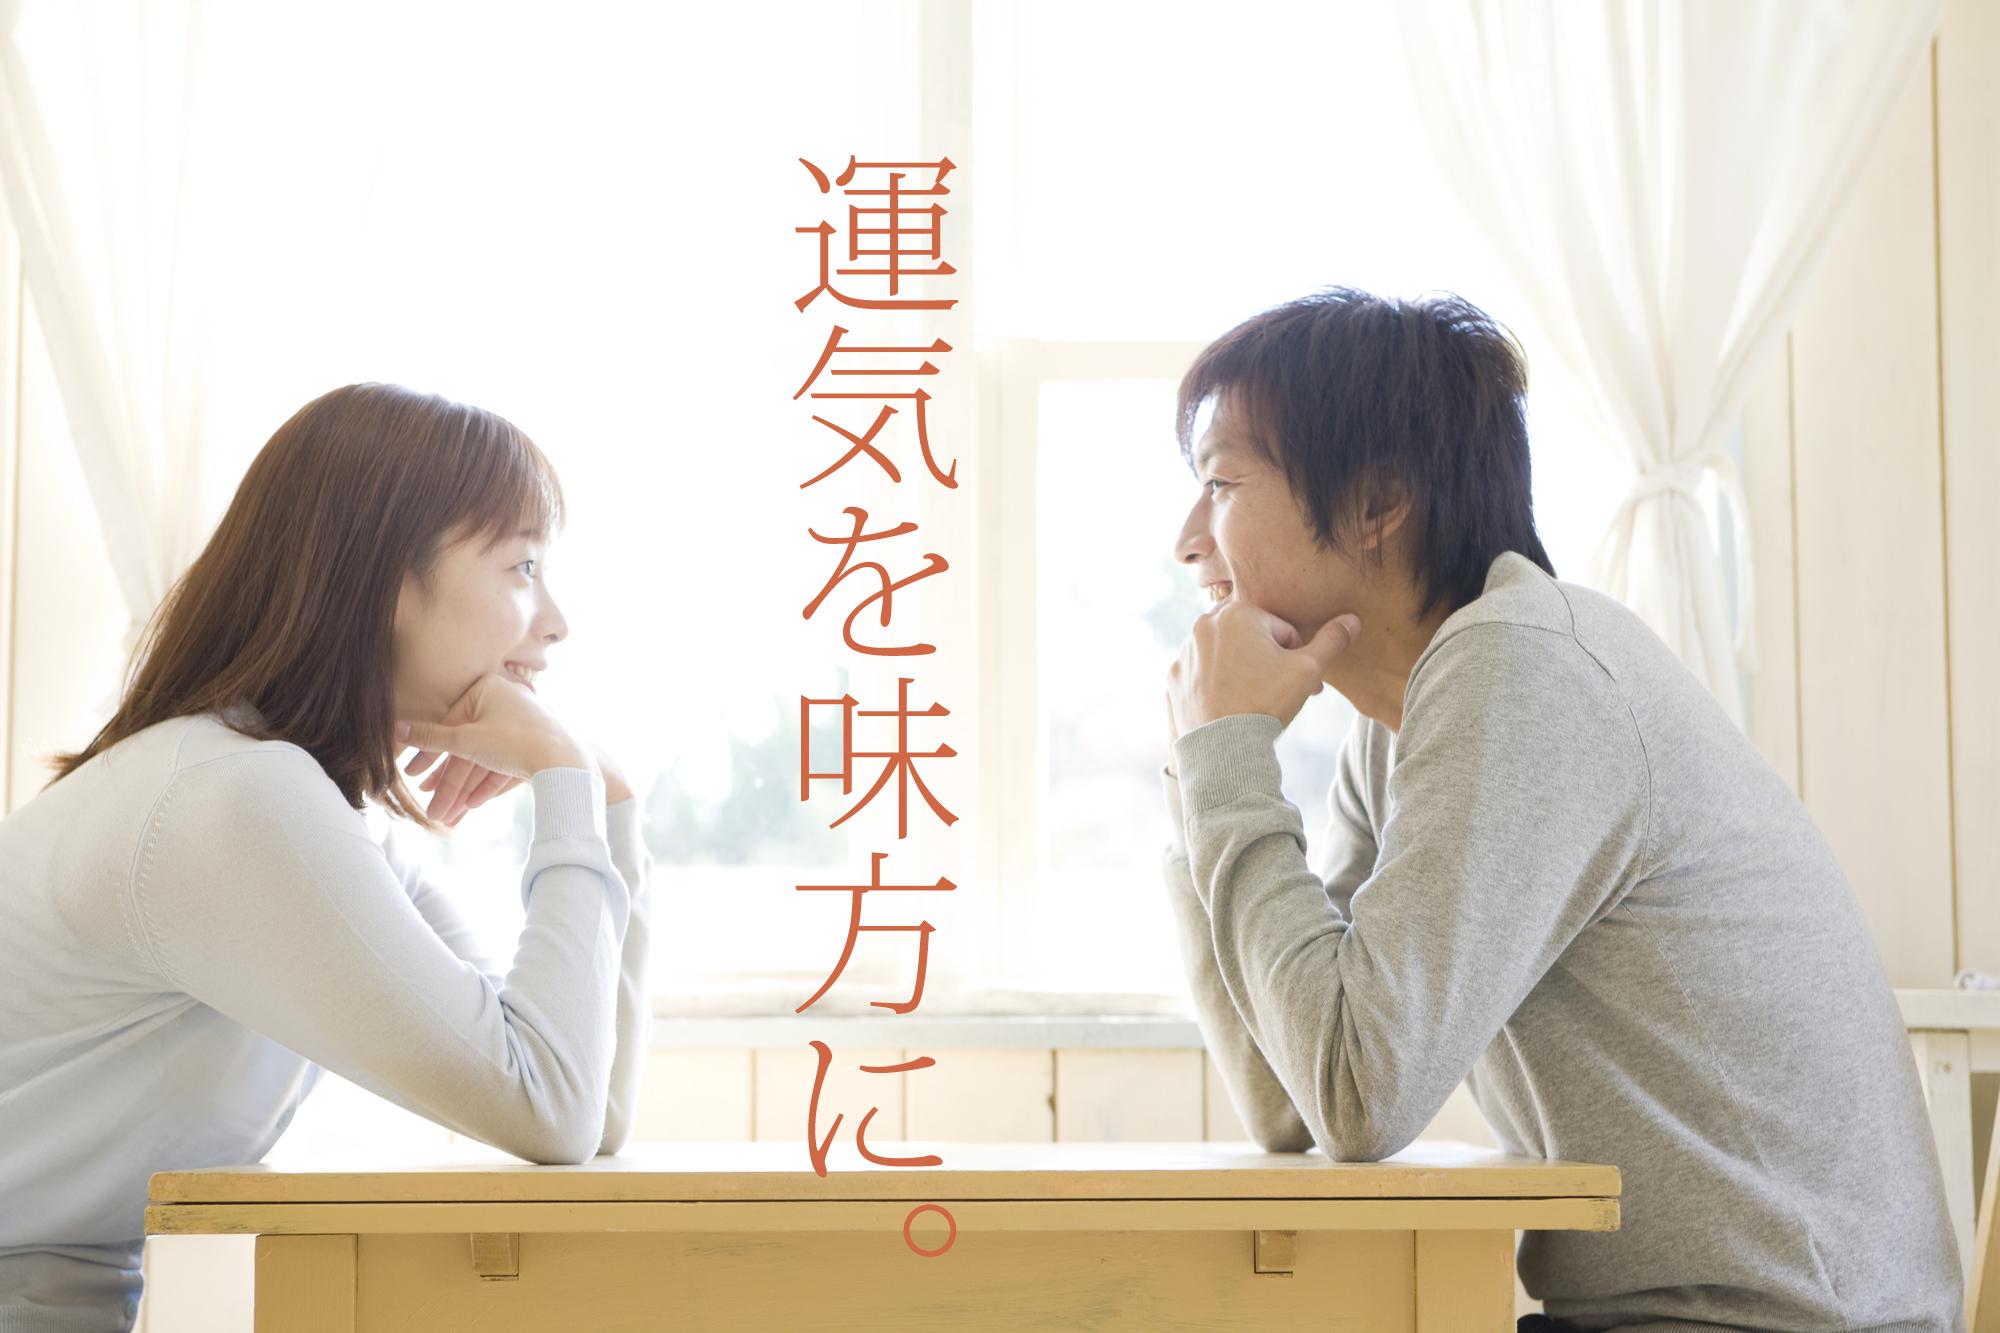 婚活にも良い運気を/大阪の結婚相談所